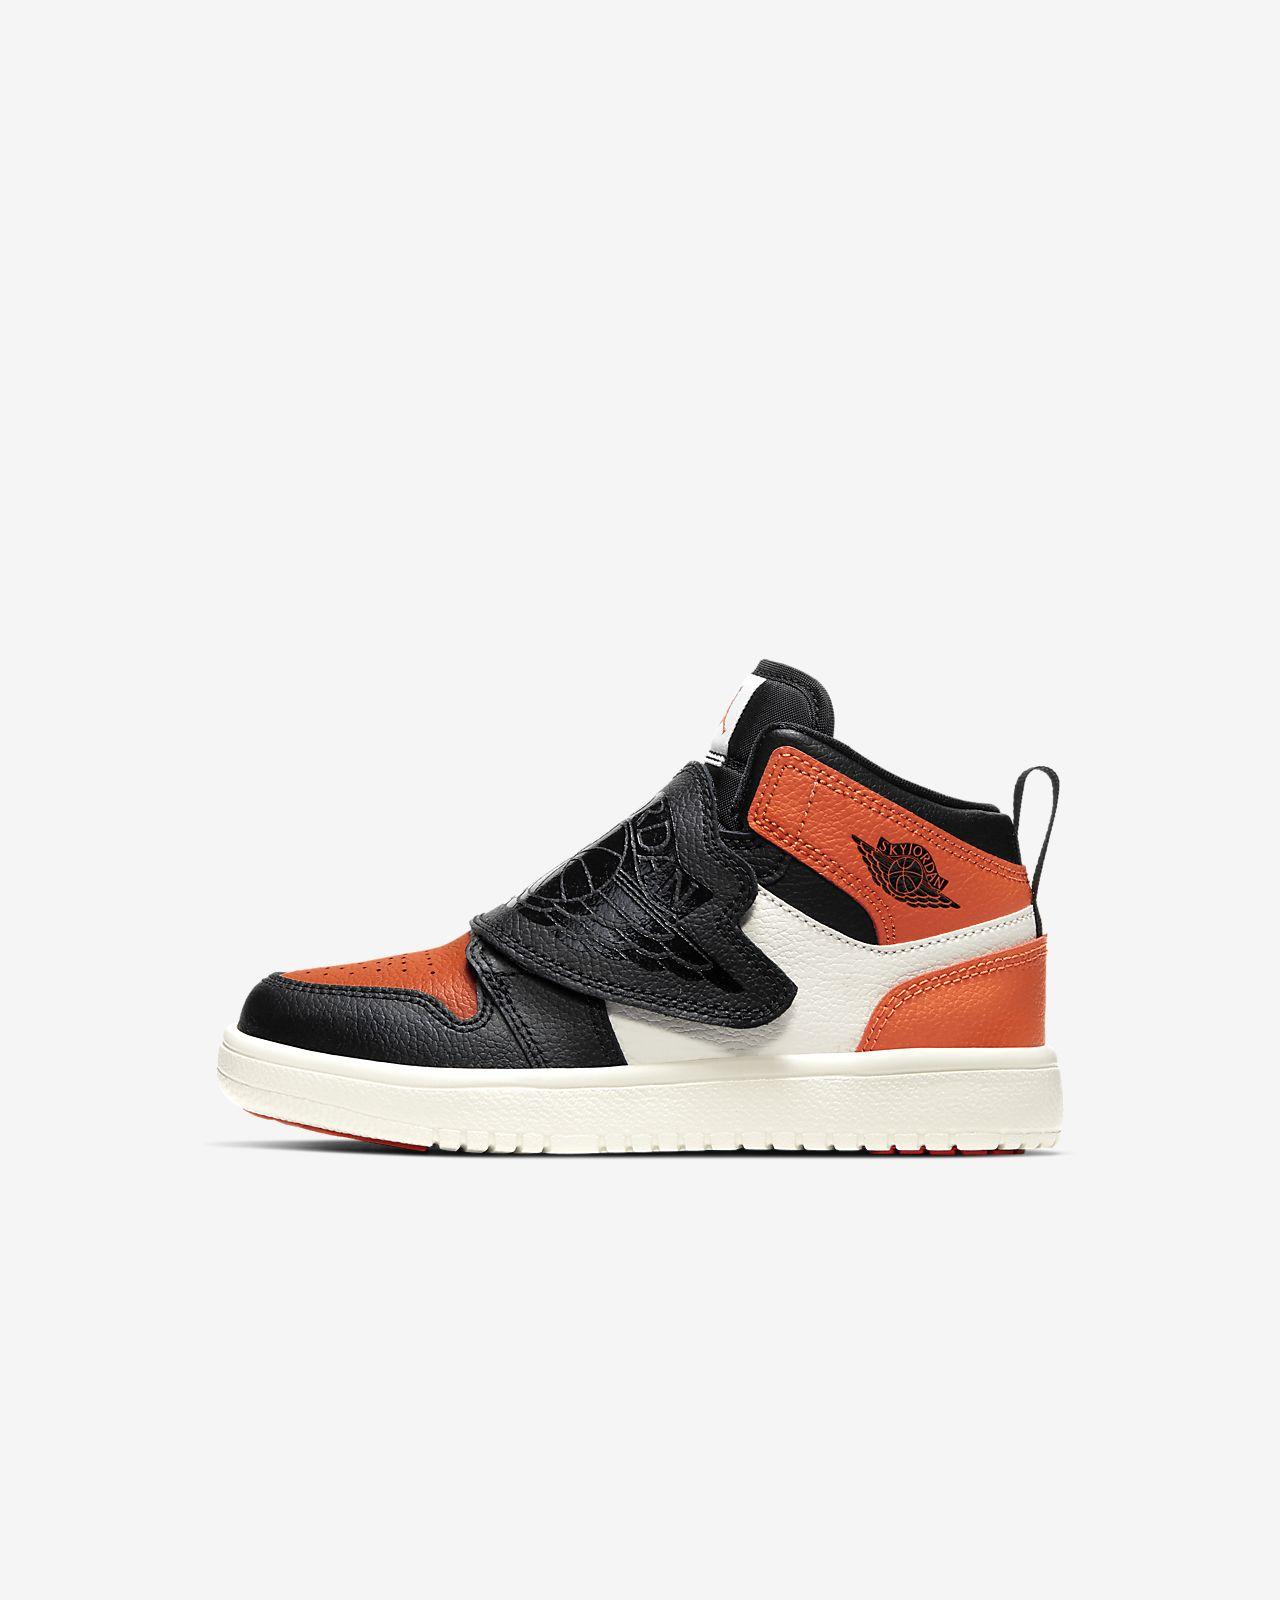 chaussure enfant jordan, le meilleur porte . vente de maintenant